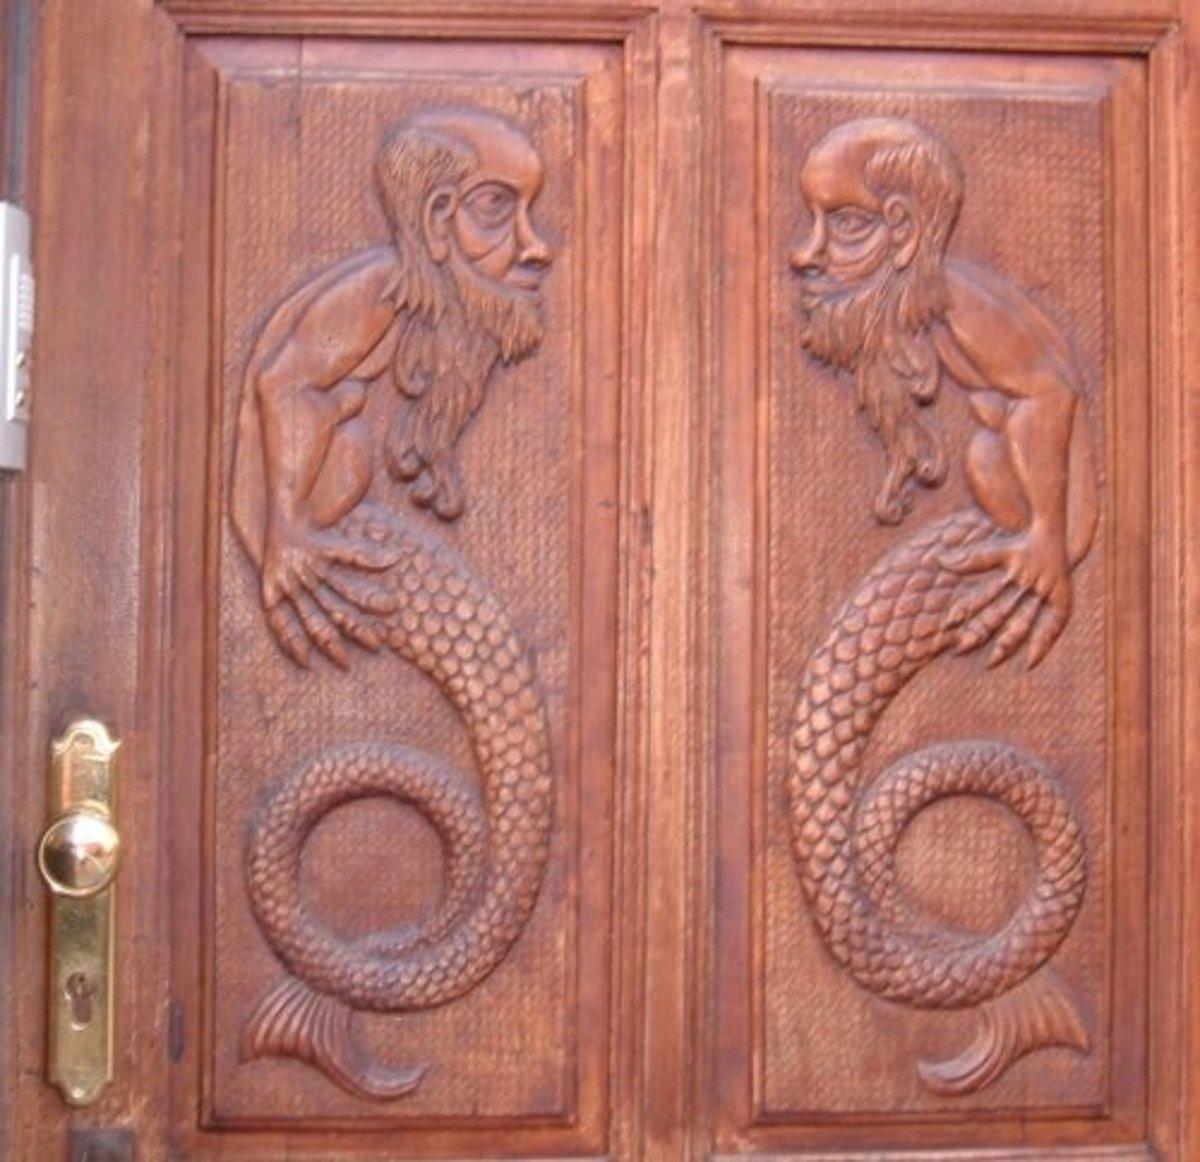 Mermen on a door in Icod town centre